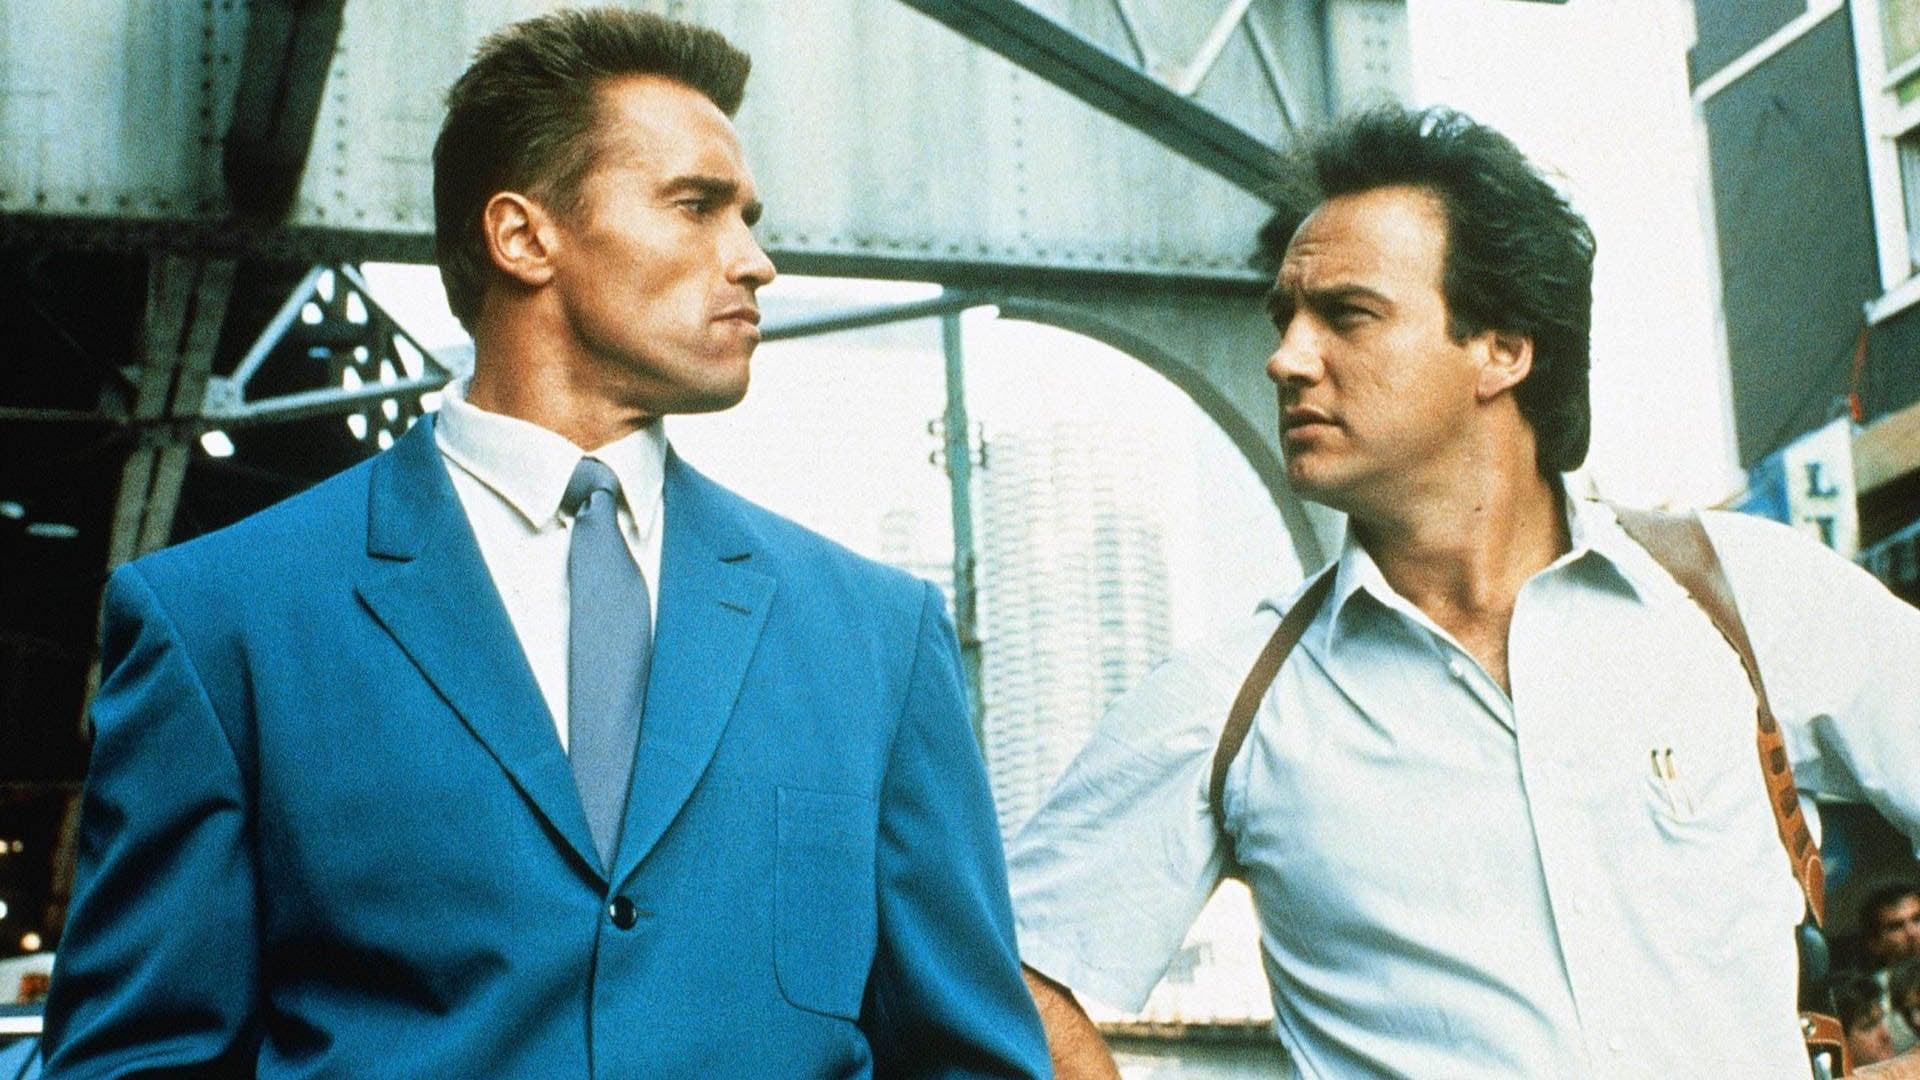 Trailer: Red Heat (1988)